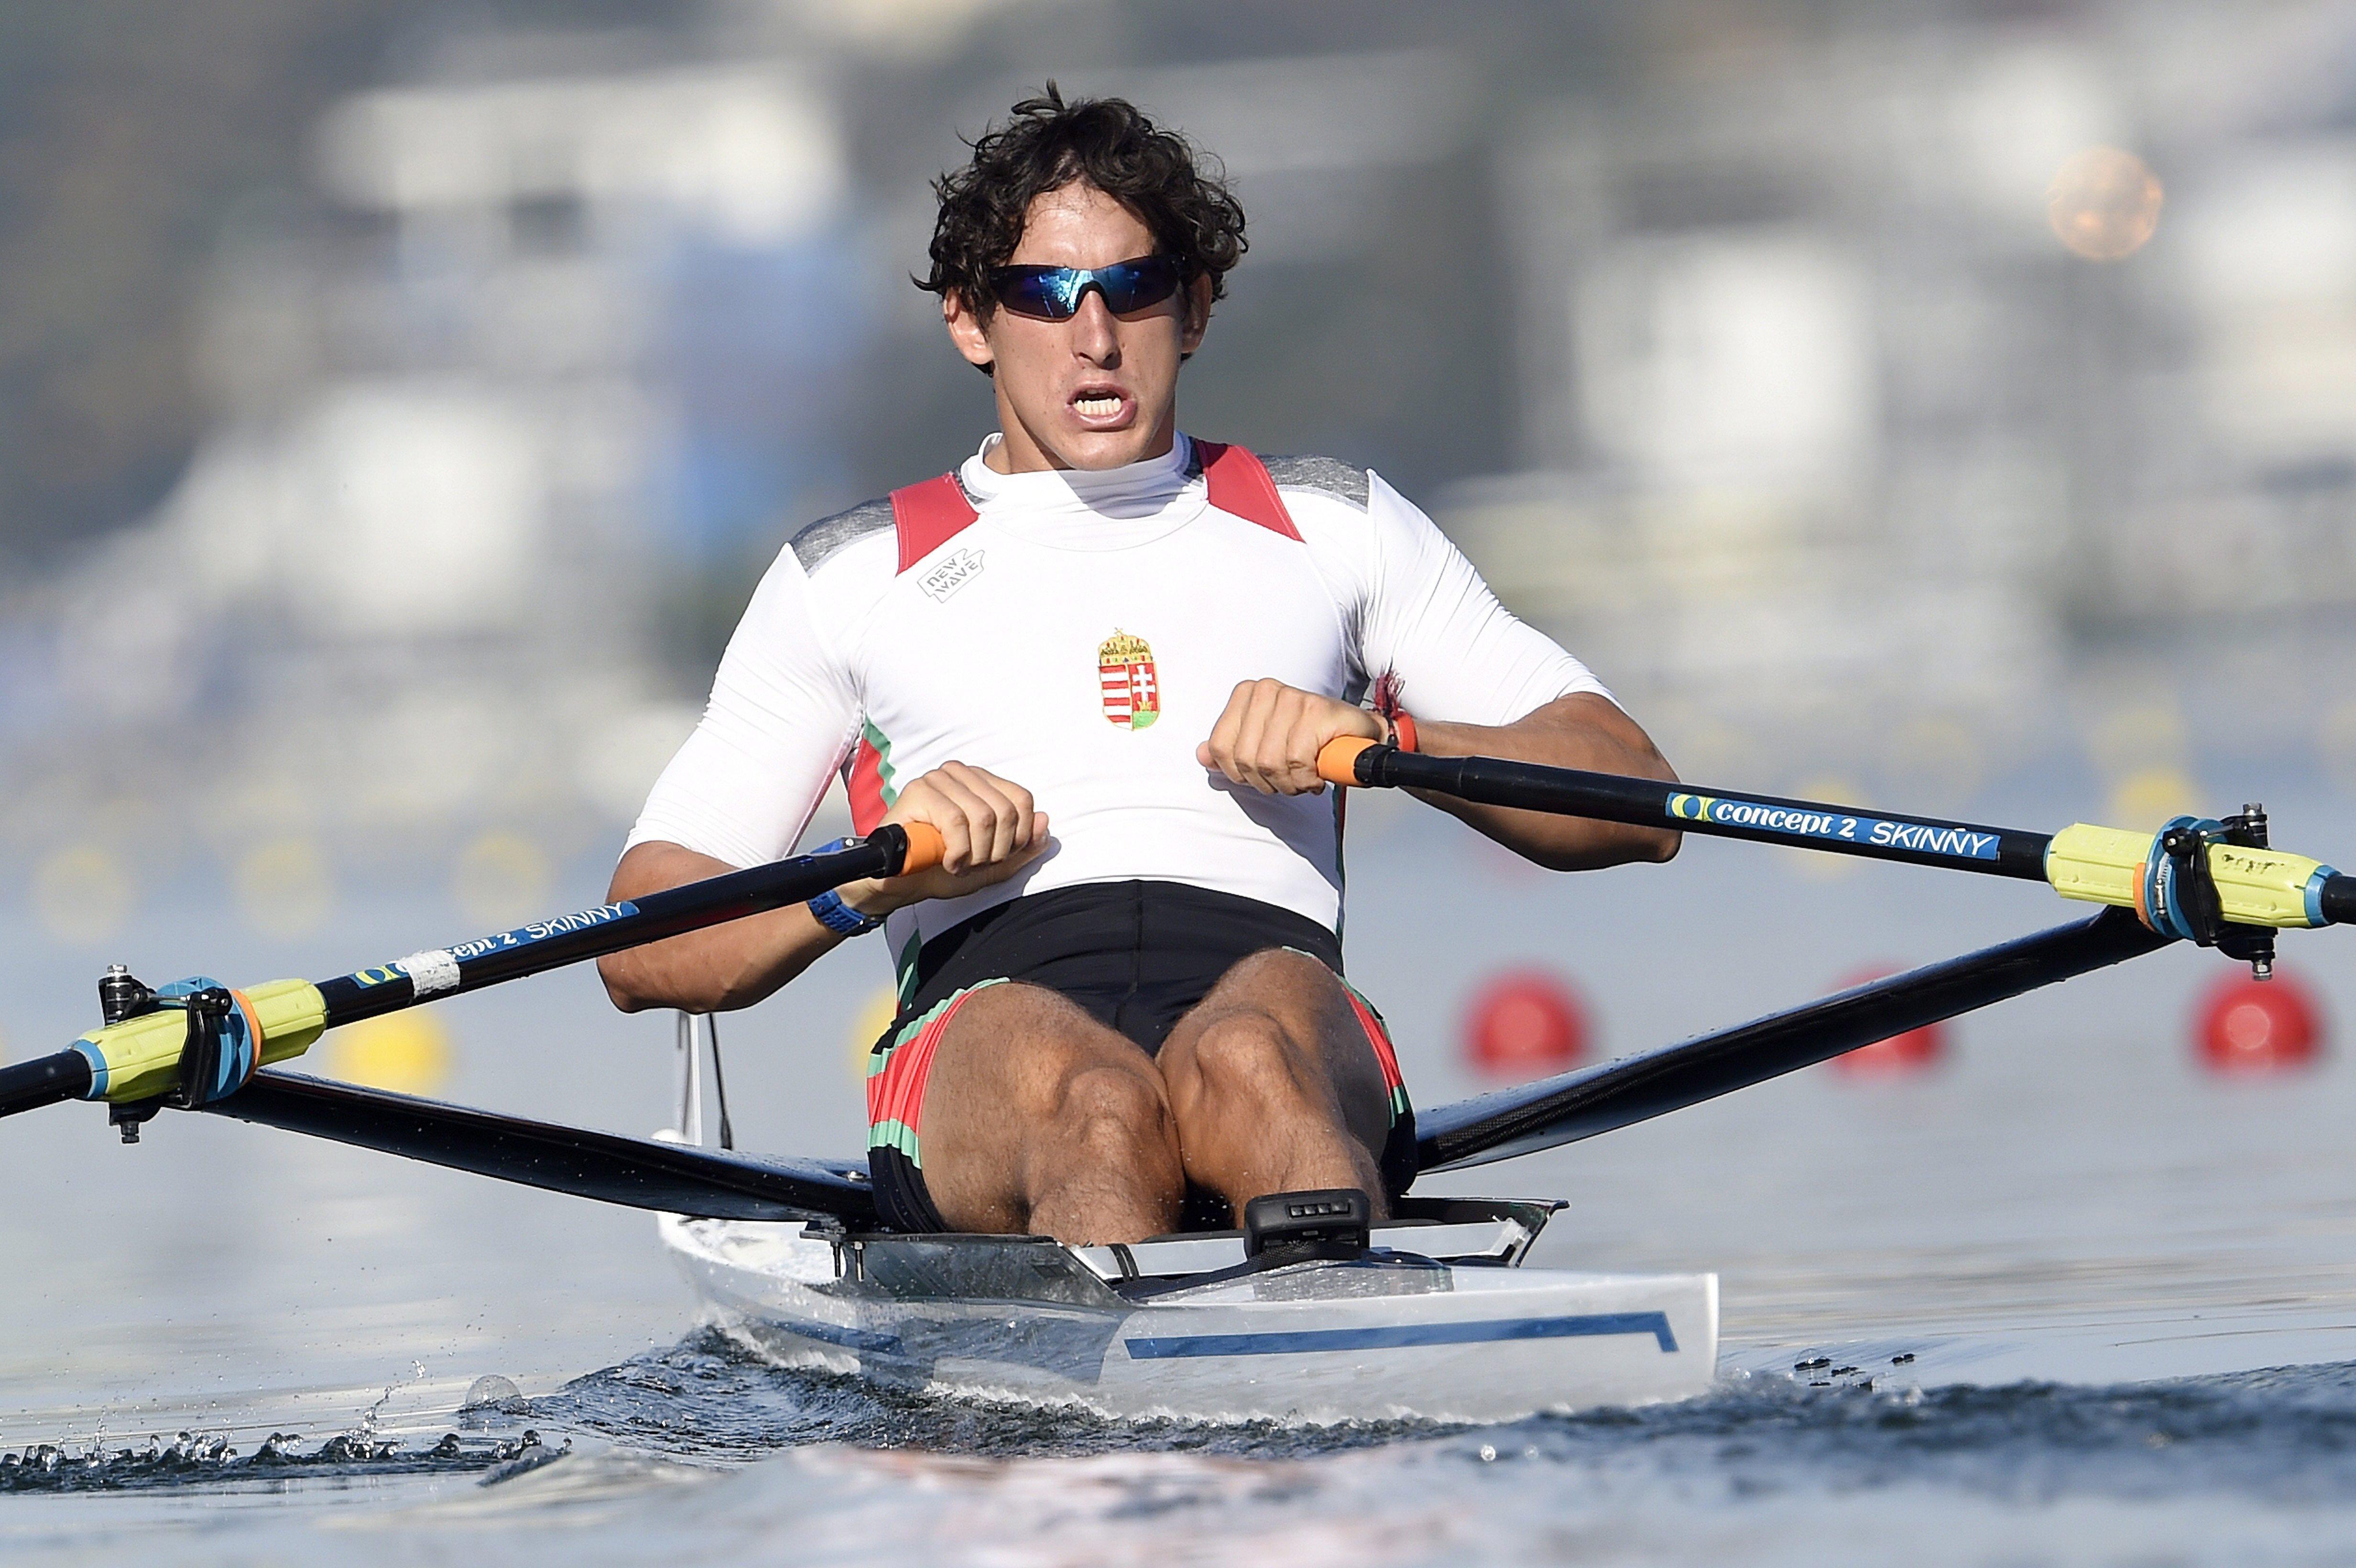 Olimpia 2016: Pétervári-Molnár Bendegúz a 14. helyen végzett